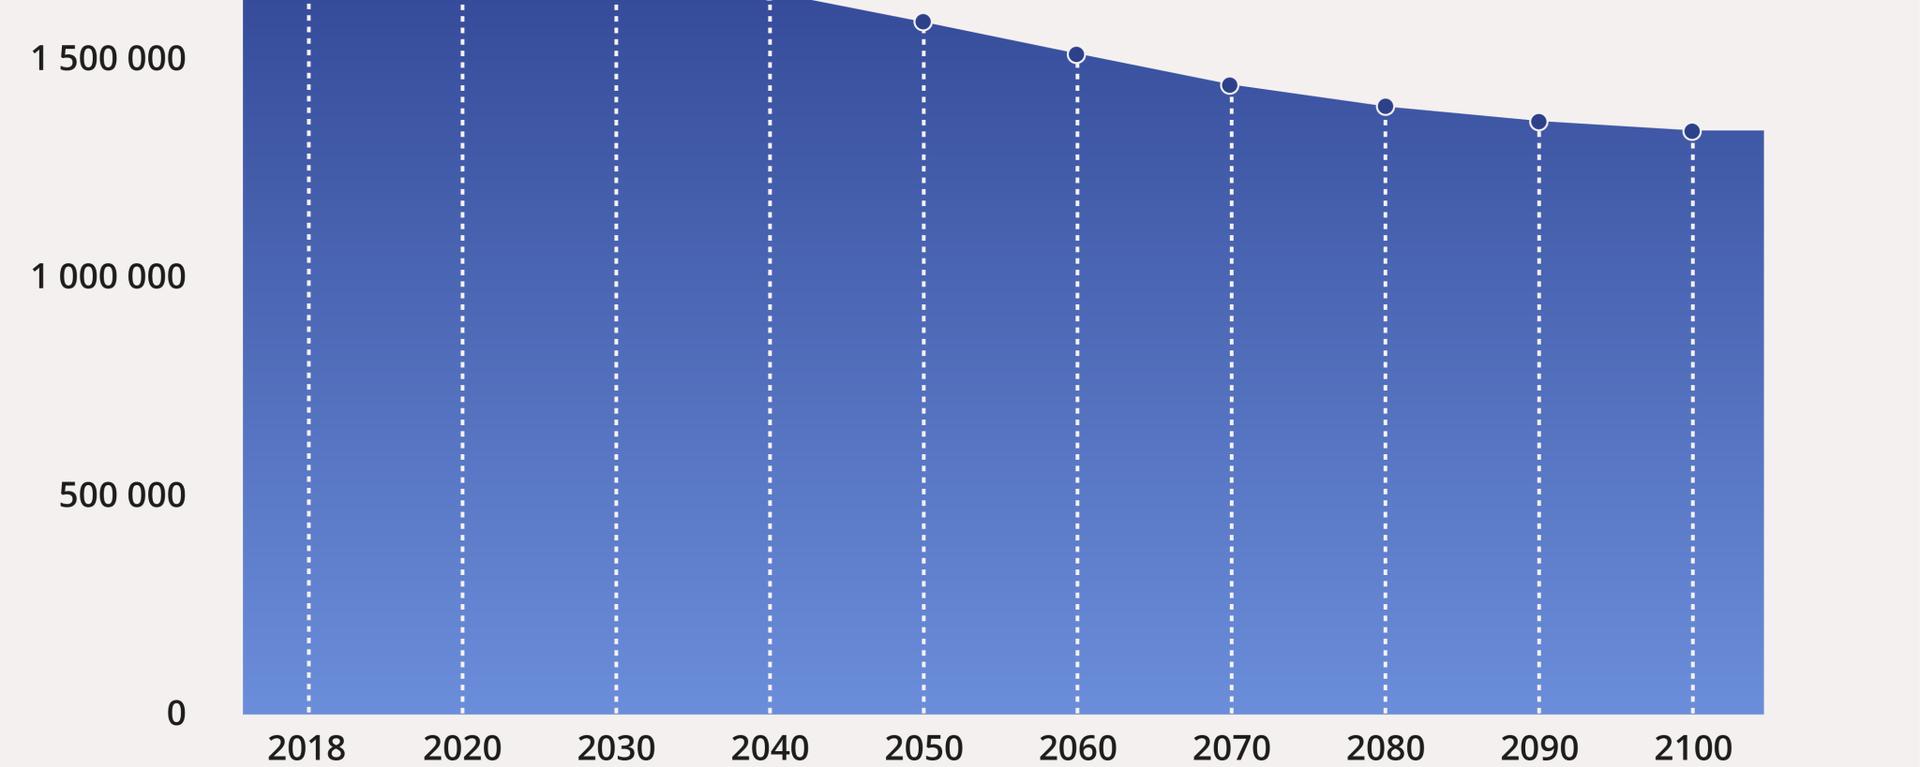 Депопуляция наступает: снижение числа учеников в Латвии - Sputnik Латвия, 1920, 04.09.2019